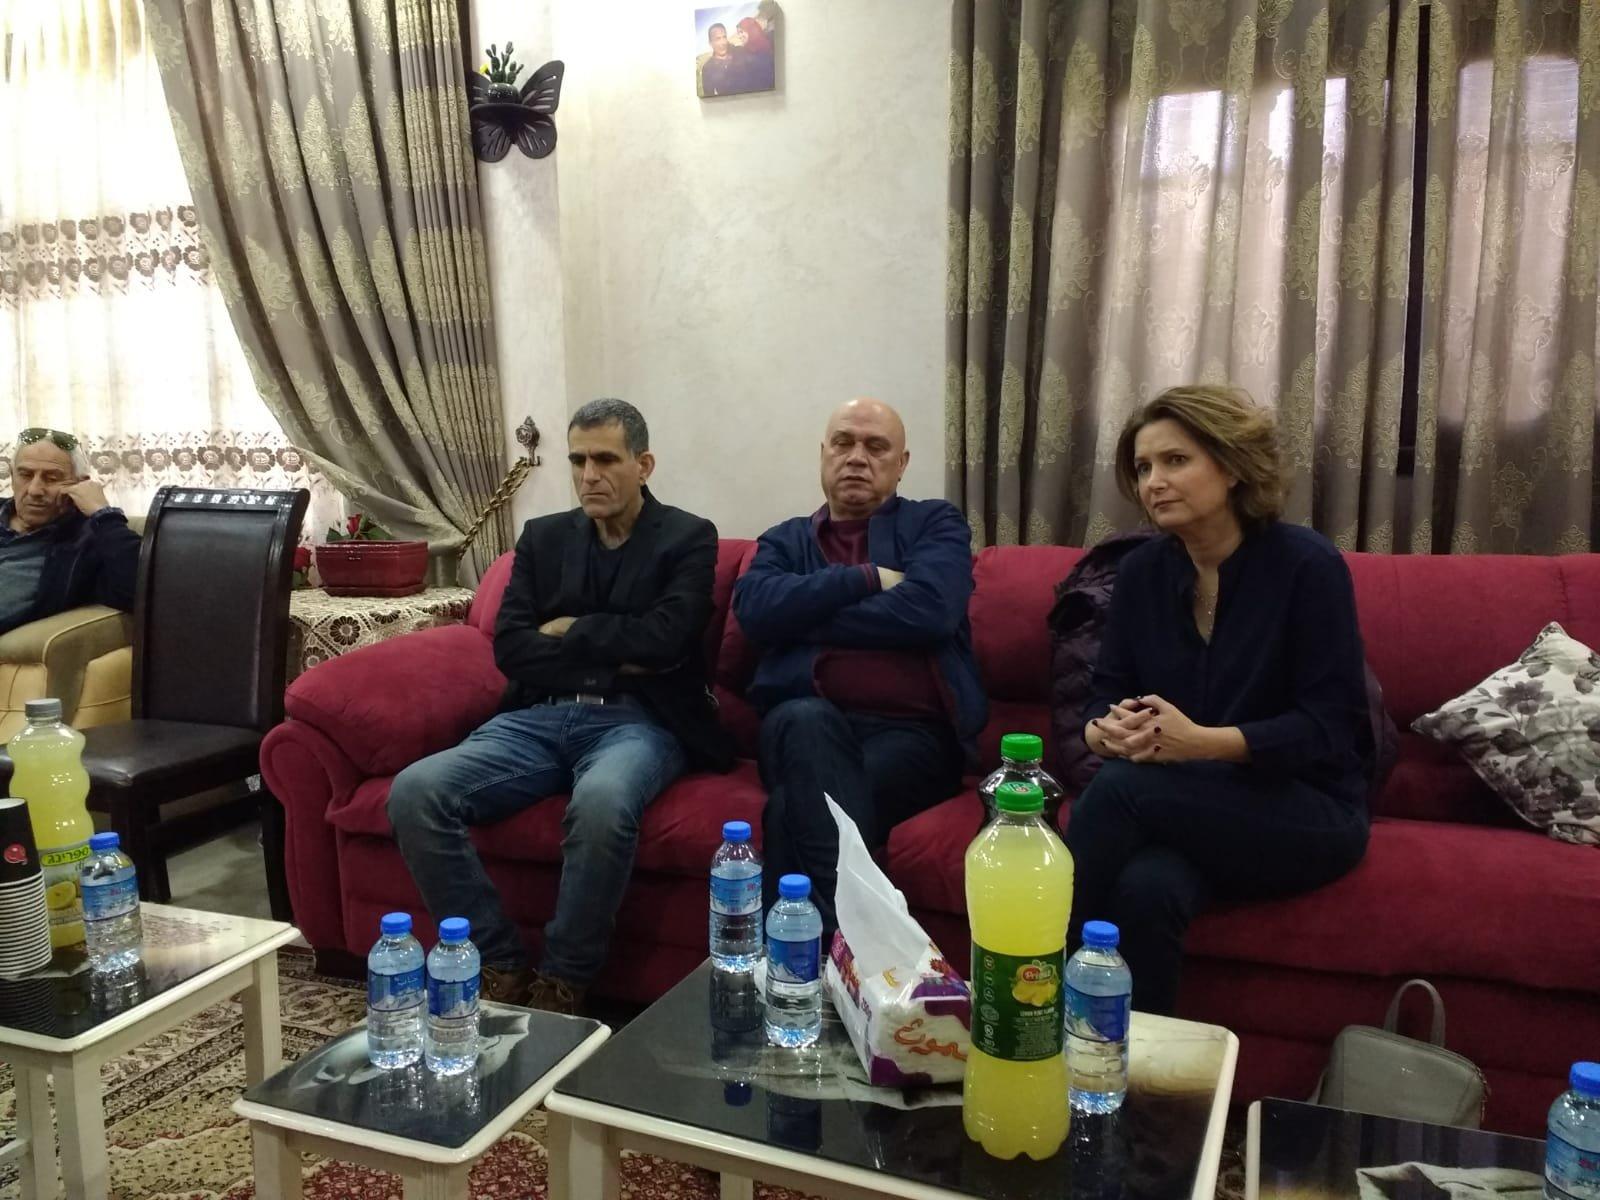 النائب عيساوي فريج لعائلة المرحومة عائشة رابي: يجب انزال اشد العقوبة على المجرمين القتلة